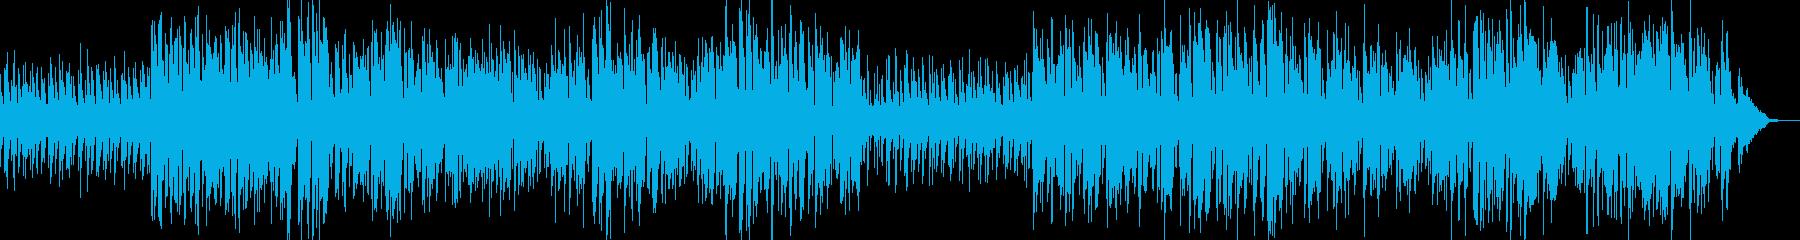 一途な愛を歌ったピアノラブソングの再生済みの波形